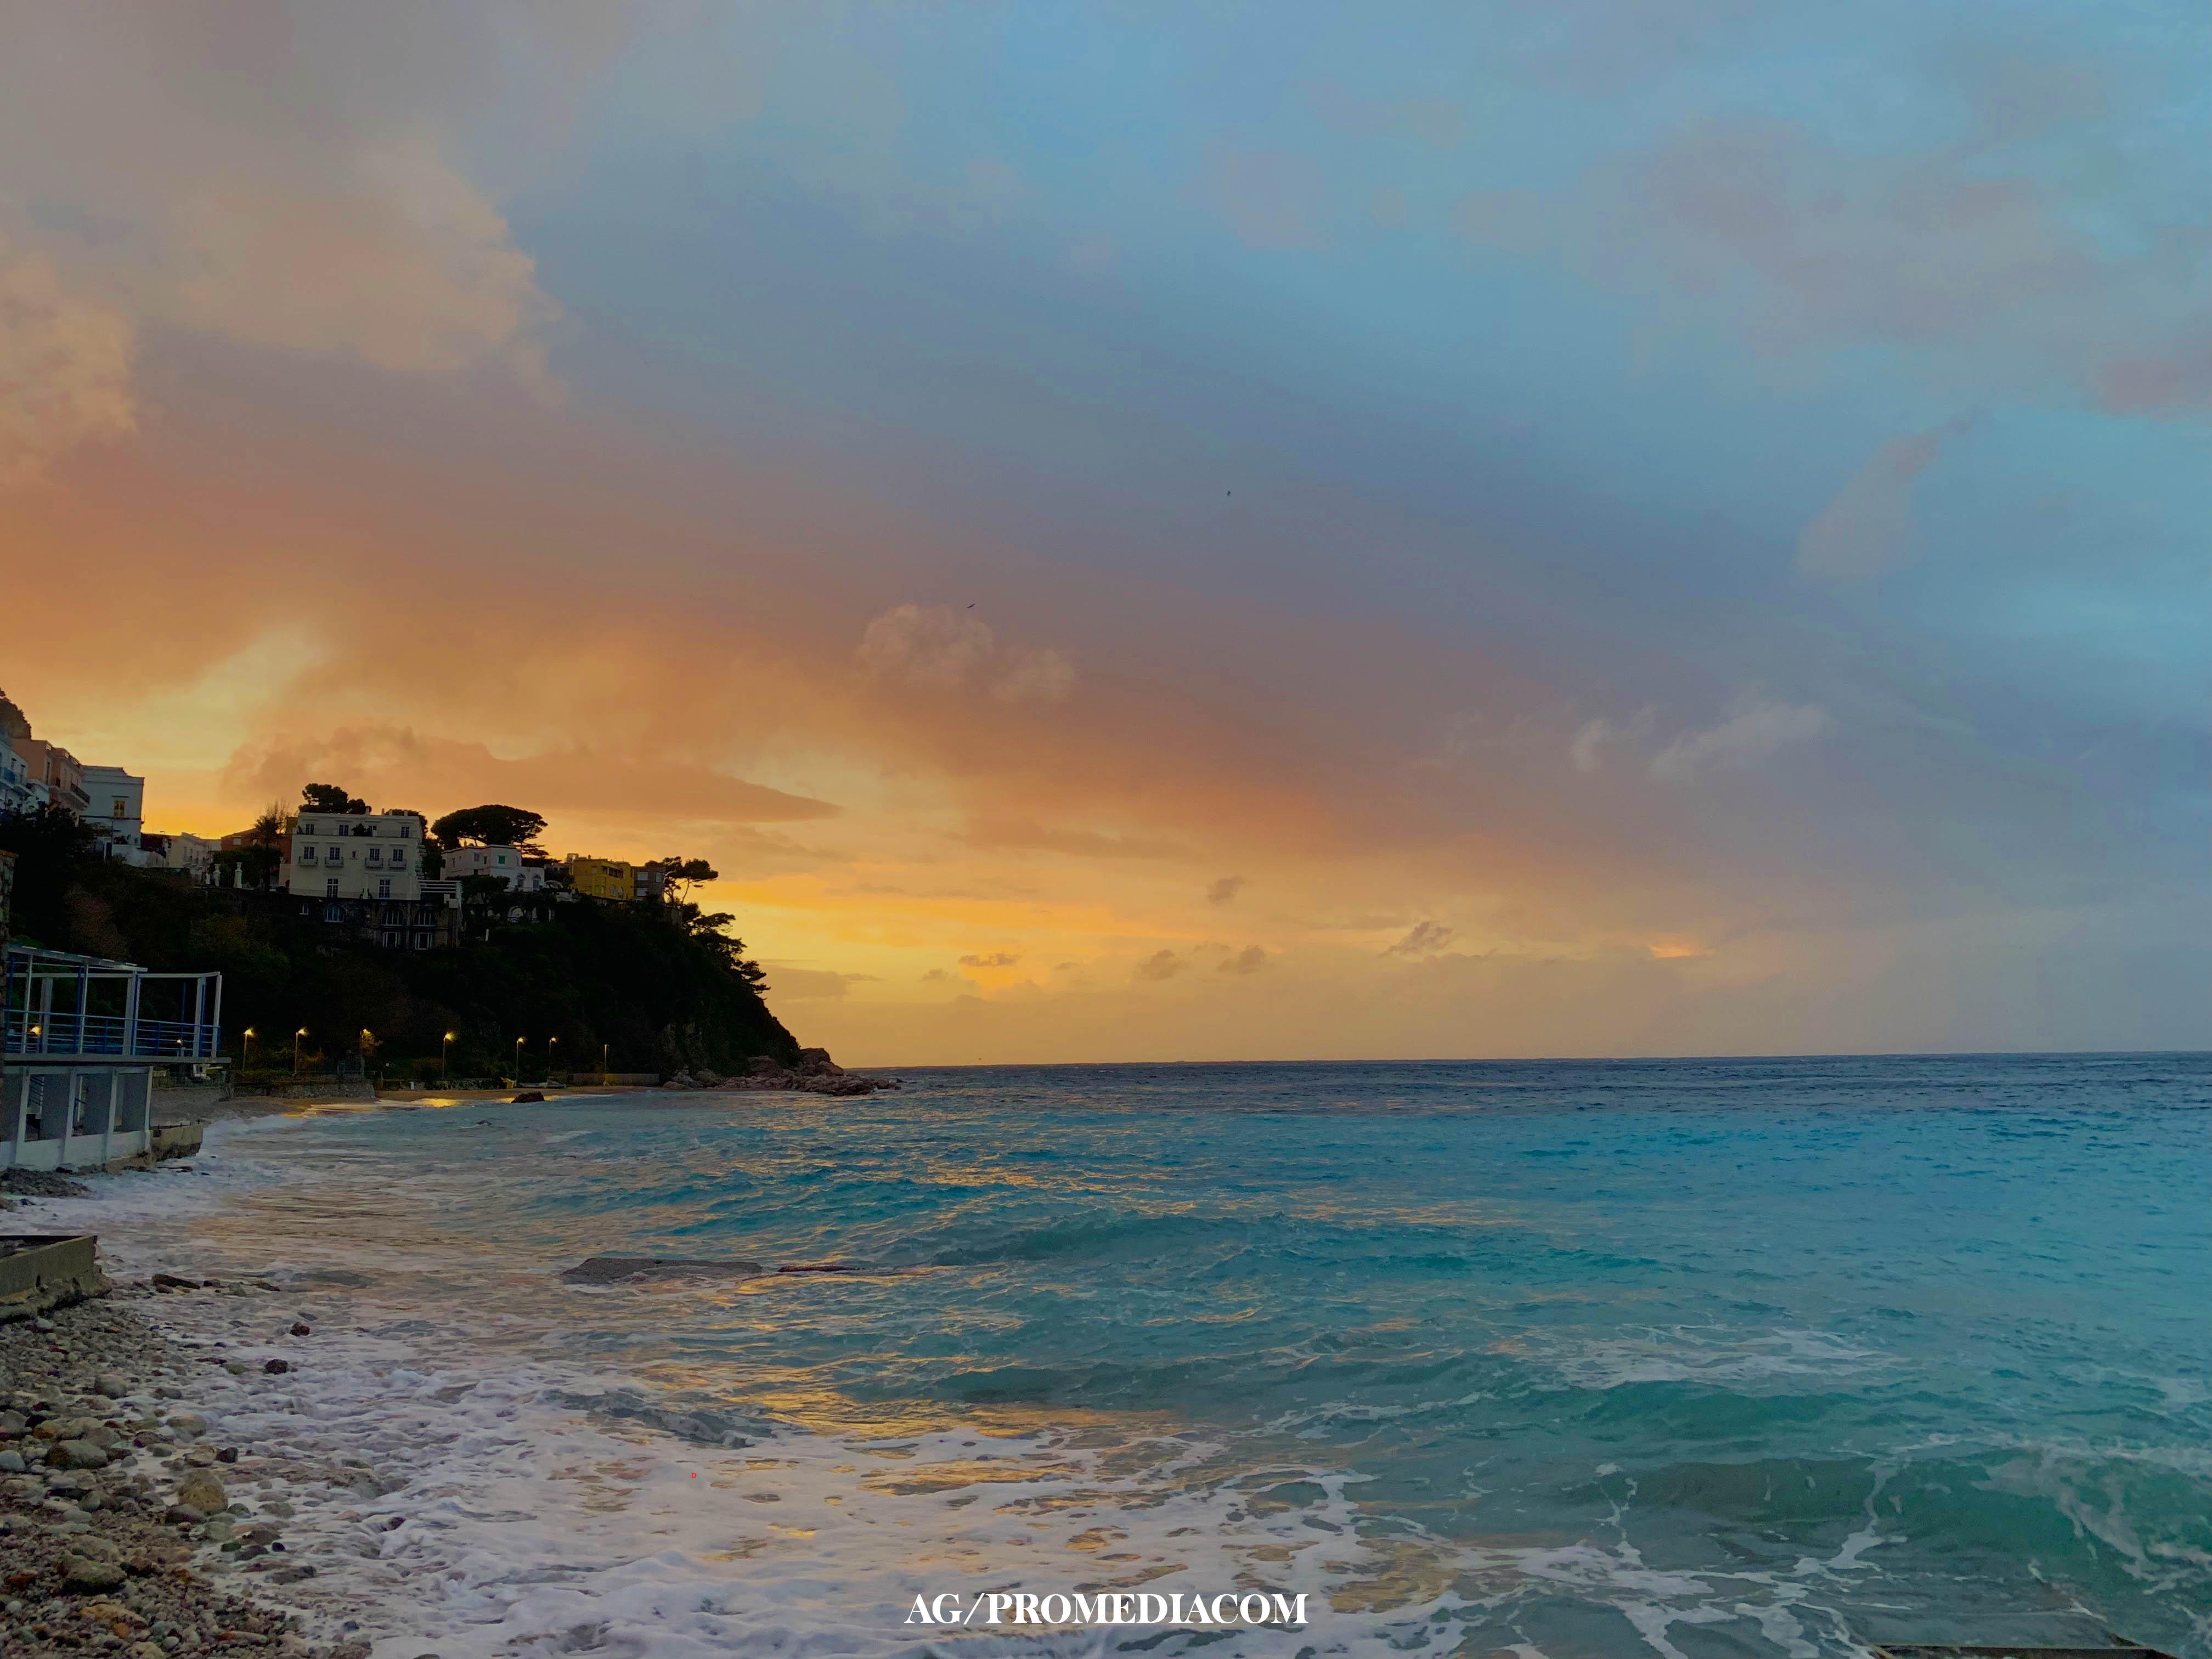 Capri. Il tramonto sul mare prima della tempesta, la foto é uno spettacolo!